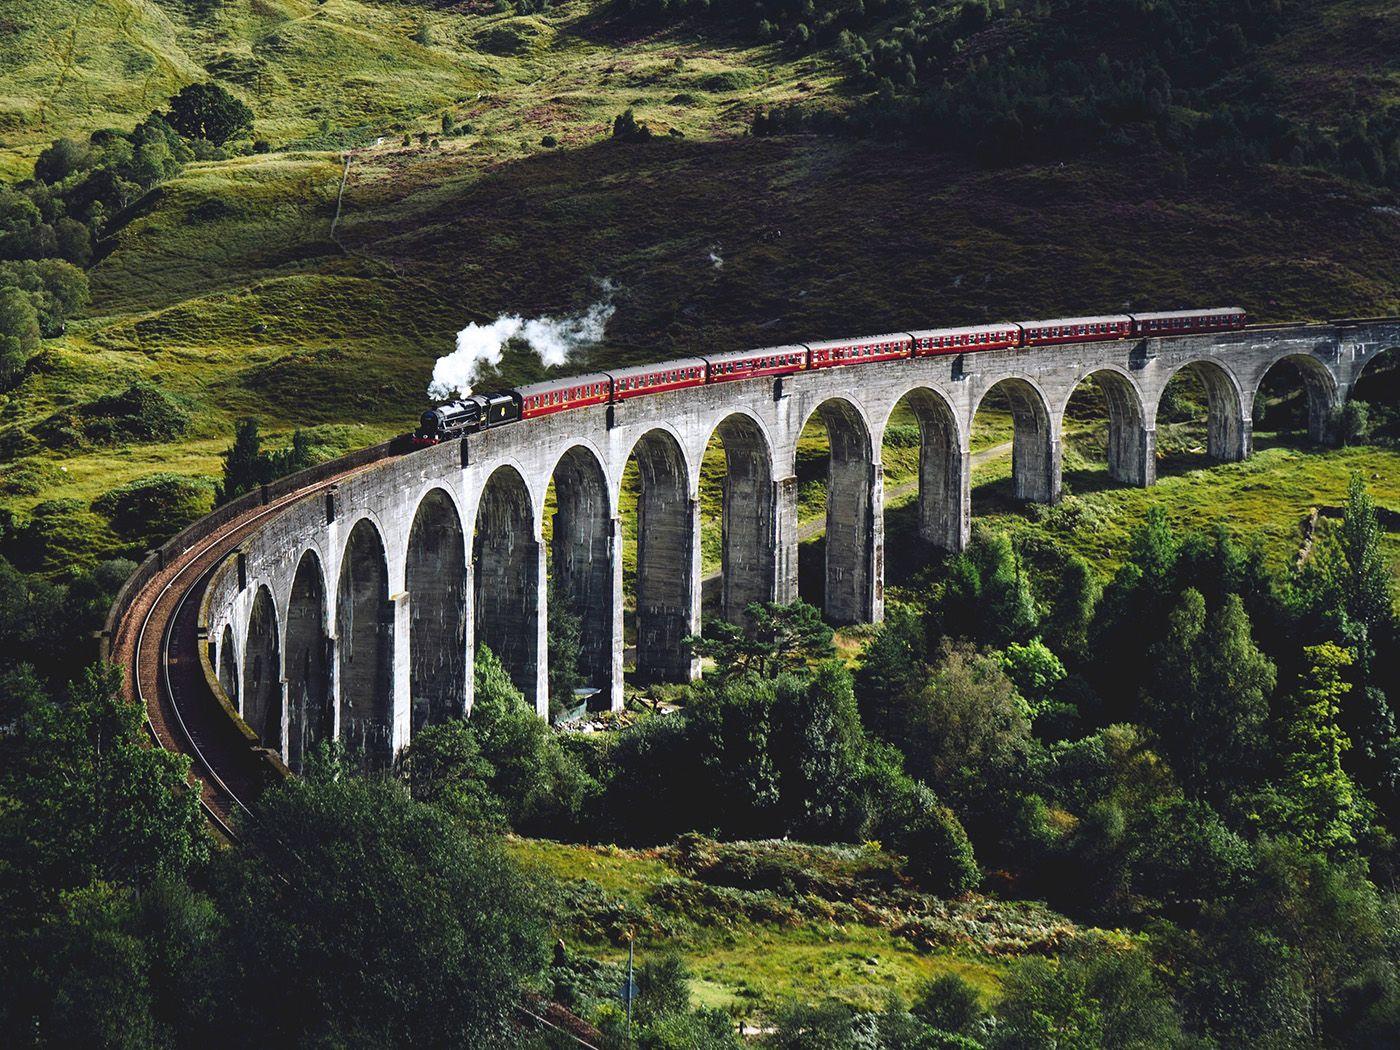 Das Sind Die 11 Atemberaubendsten Drehorte In Europa Paulcamper Magazin Schottland Reisen Schottland Rundreise Skandinavien Rundreise